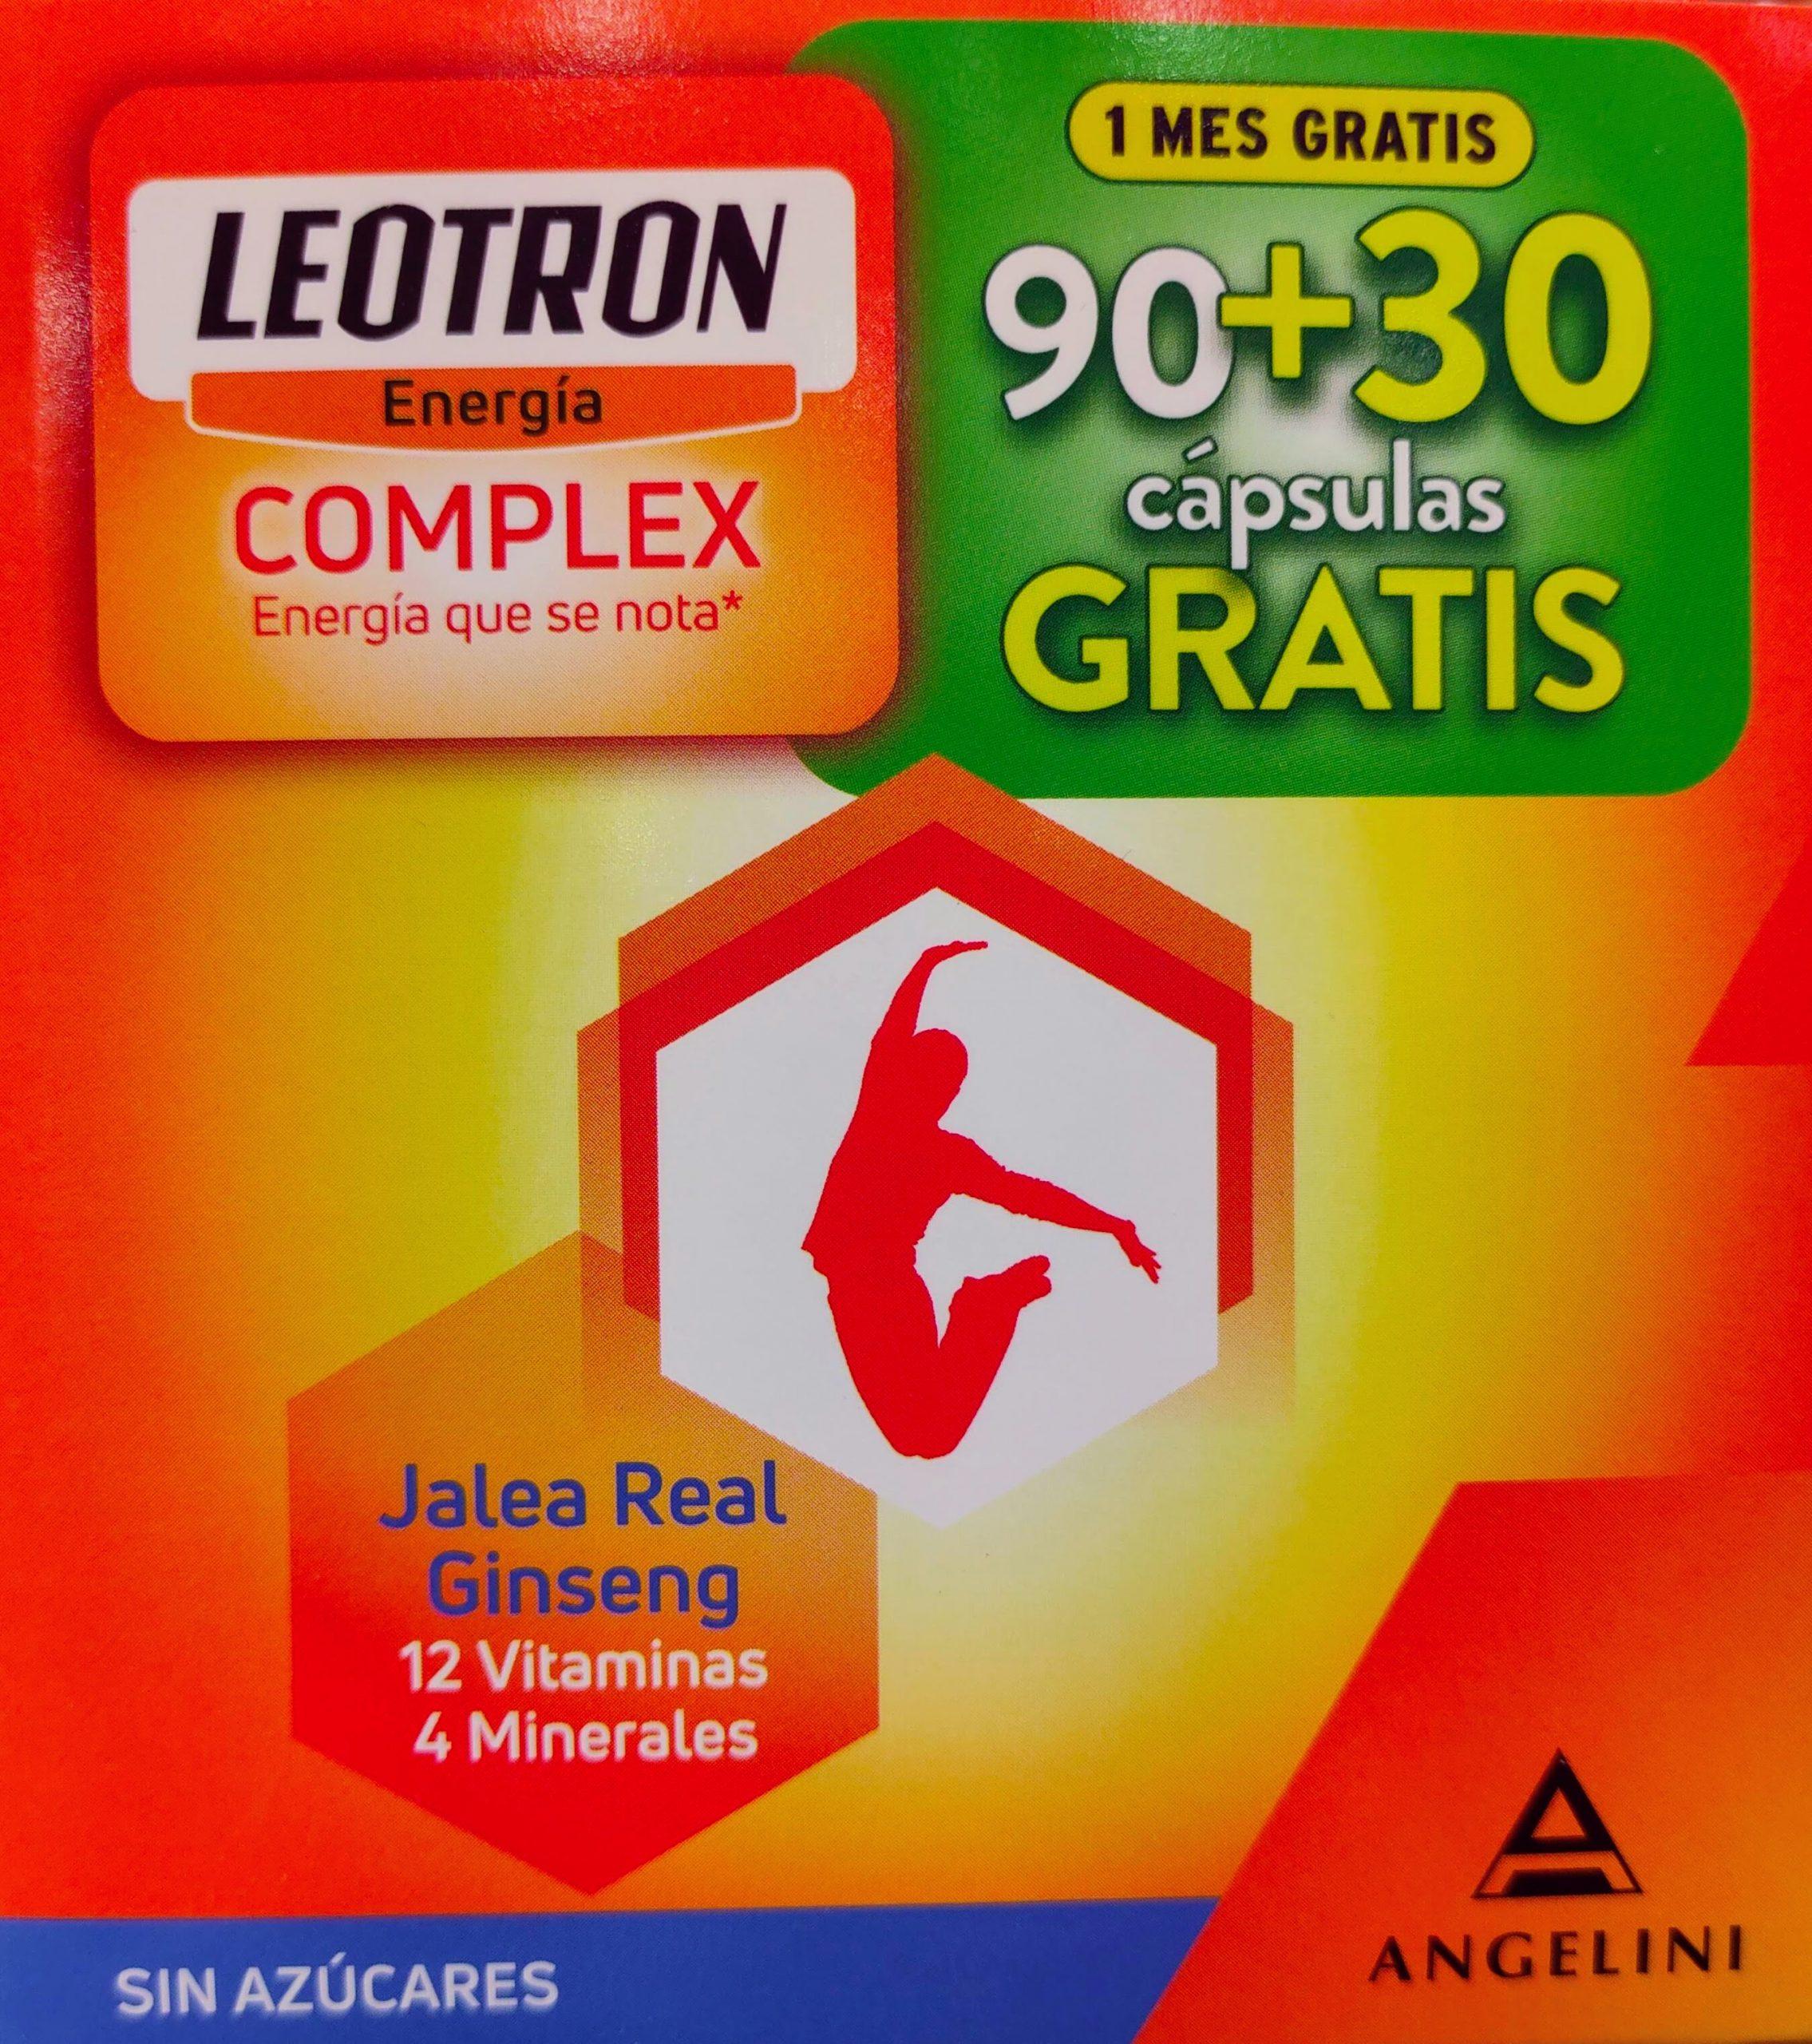 Leotron Complex Jalea Real, Ginseng, 12 Vitaminas y 4 Minerales Un aporte extra de vitamina C y otros nutrientes que te llenan de energía y ayudan a disminuir el cansancio y la fatiga